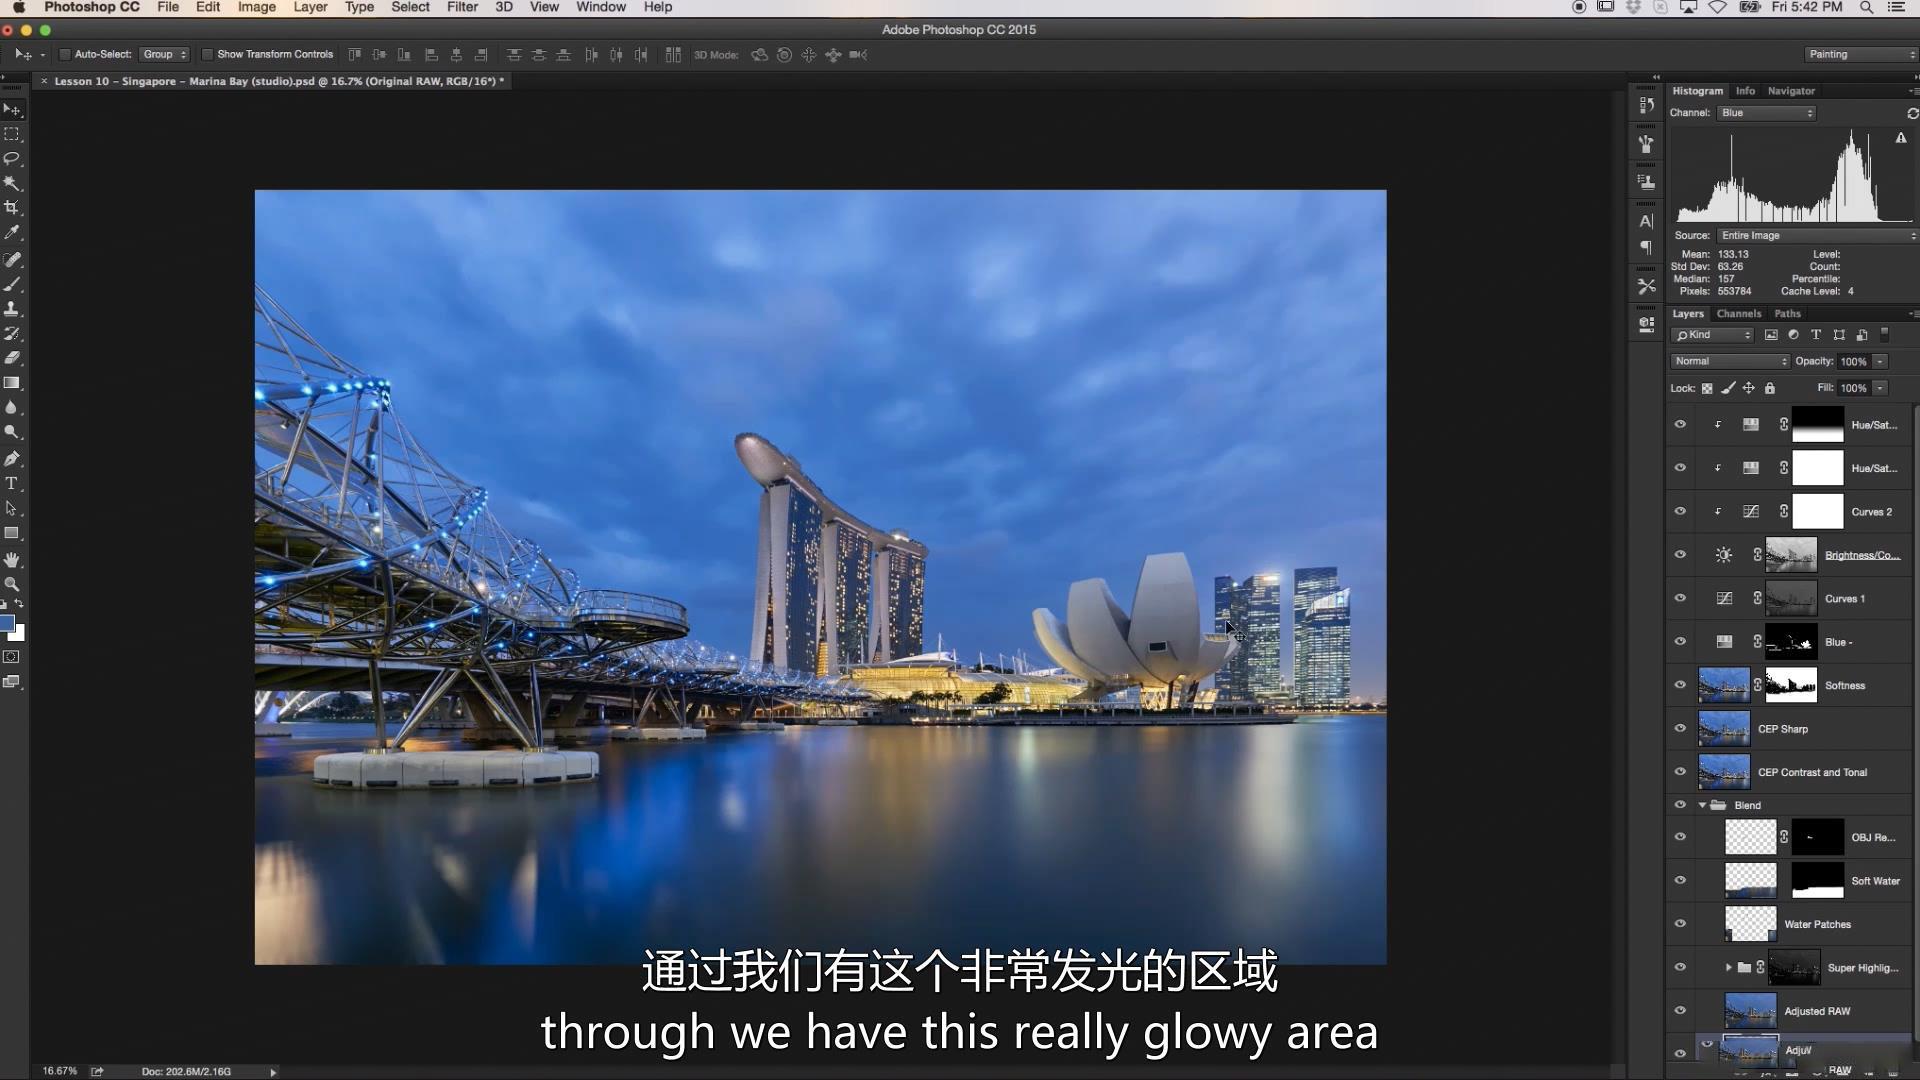 摄影教程_Fstoppers-Elia Locardi世界城市景观星轨风光摄影及后期-中英字幕 摄影教程 _预览图32